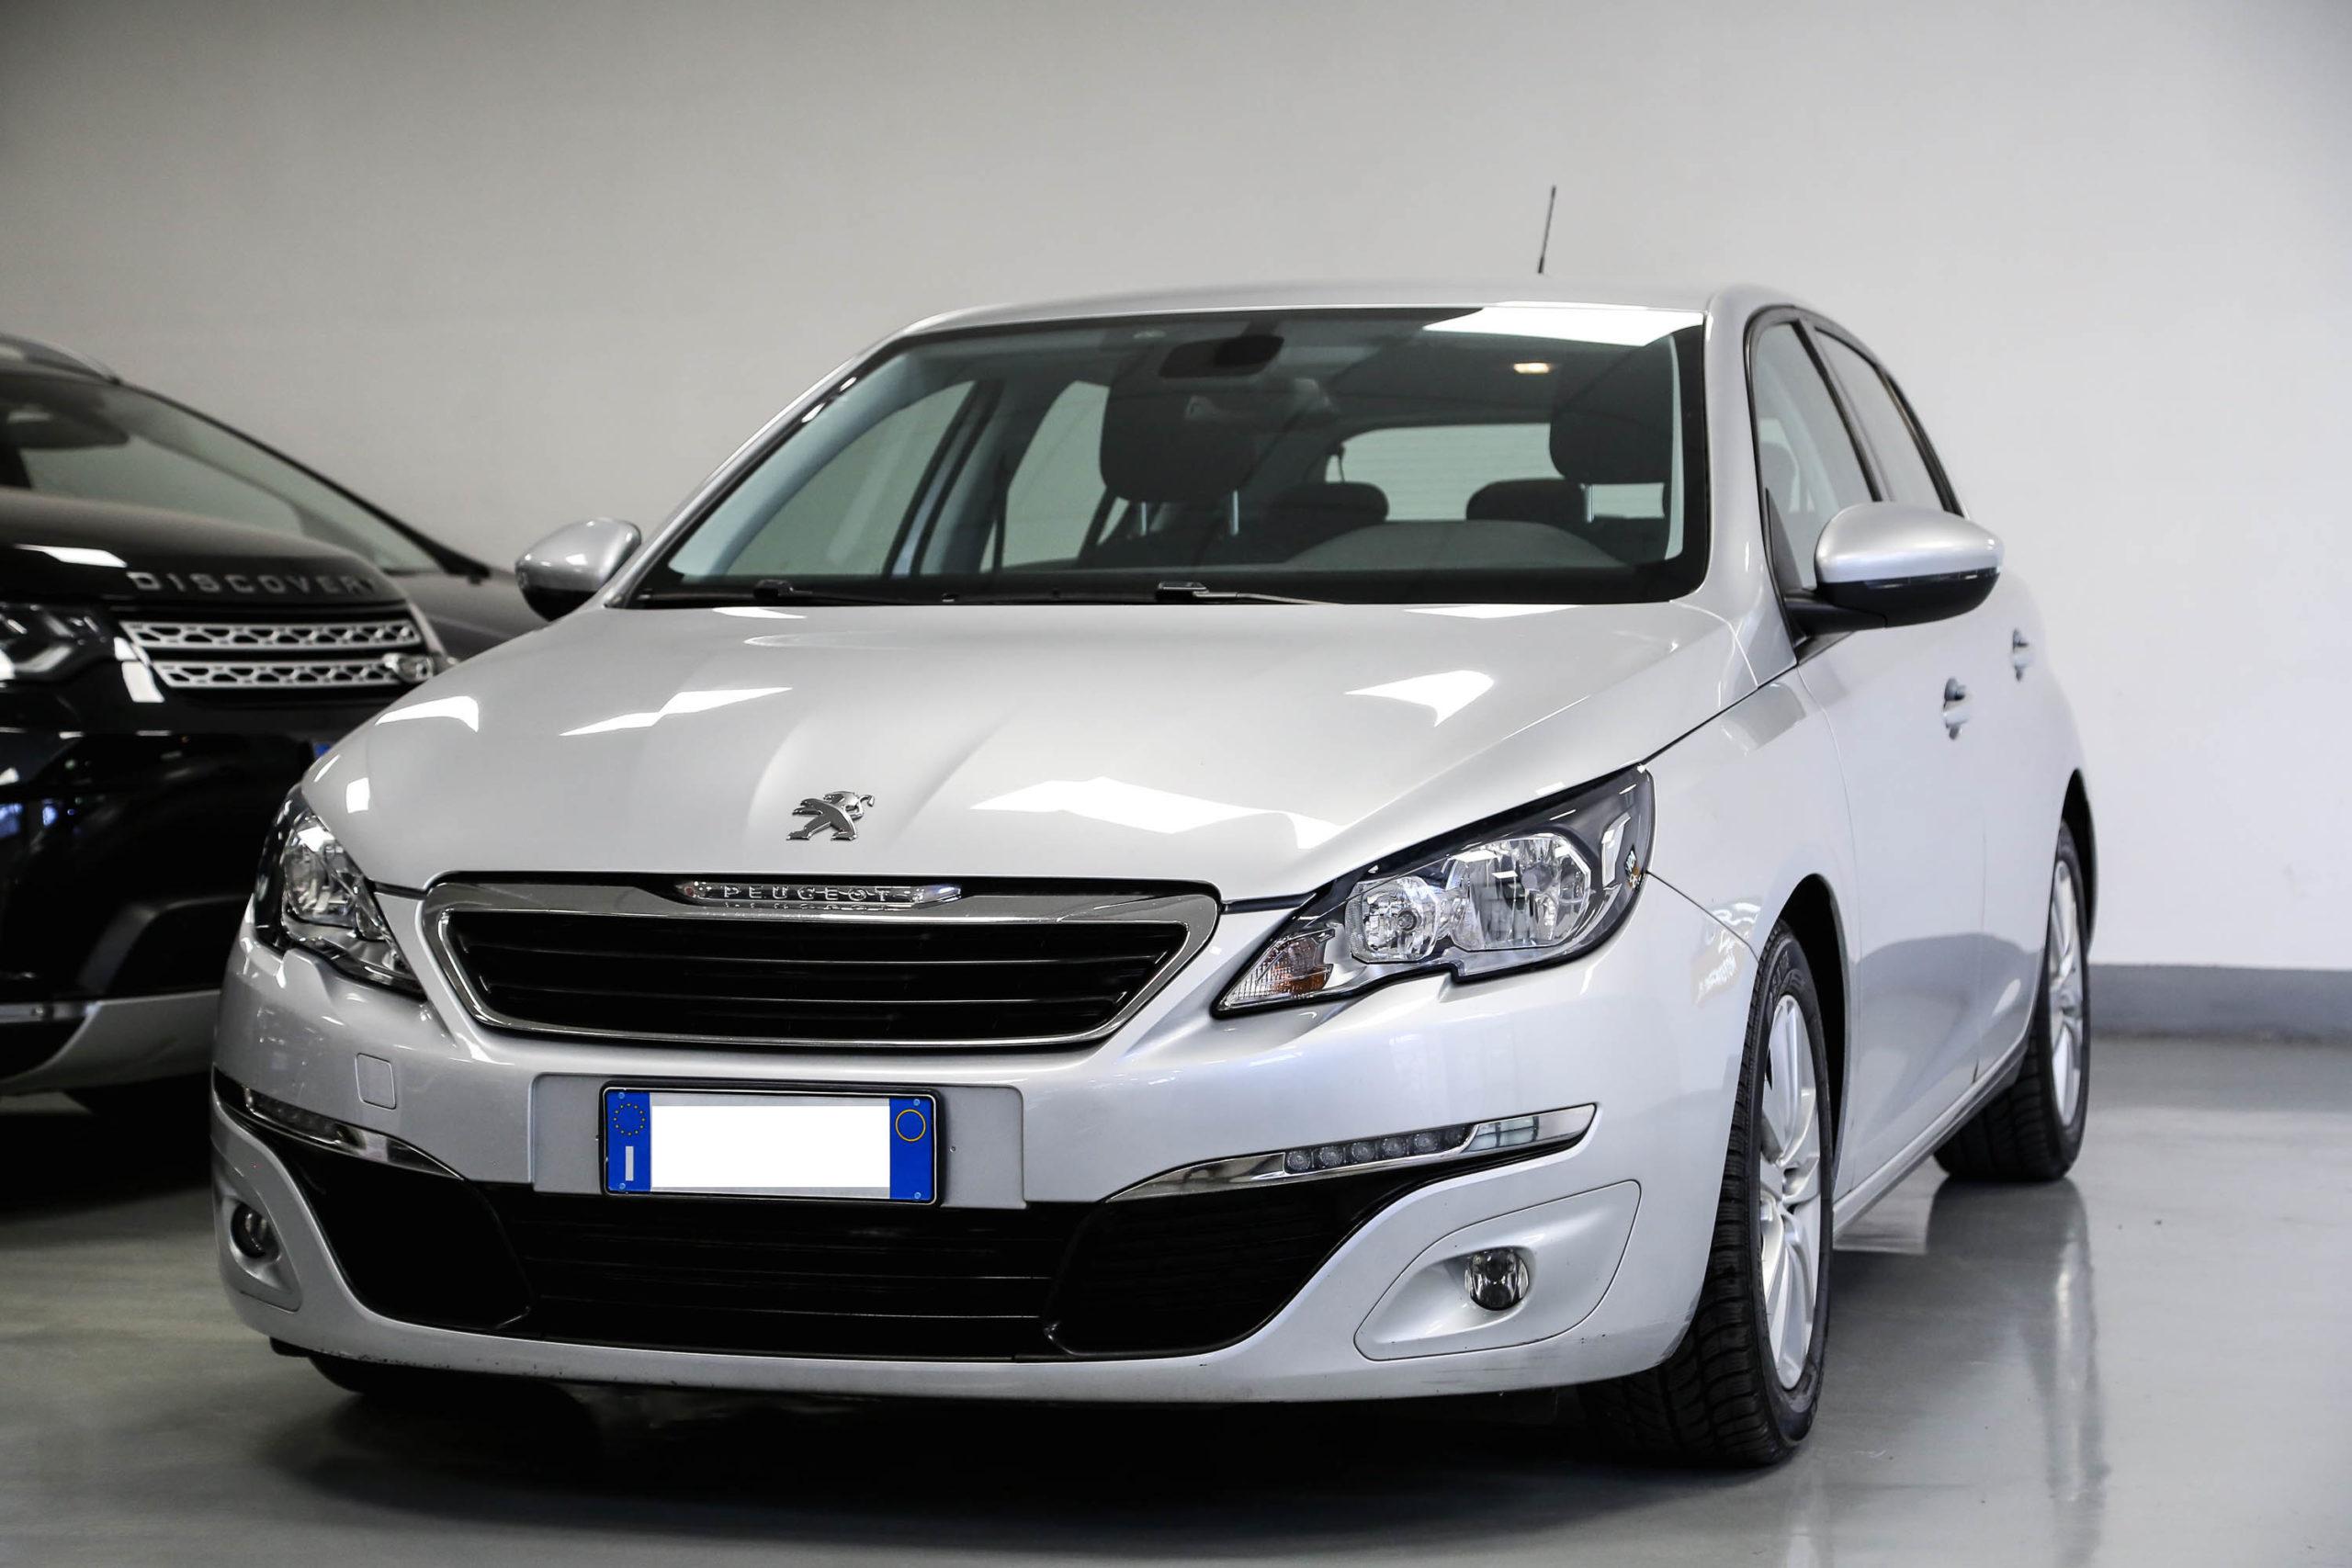 Peugeot 308 1.6 e-HDi 115 CV Stop